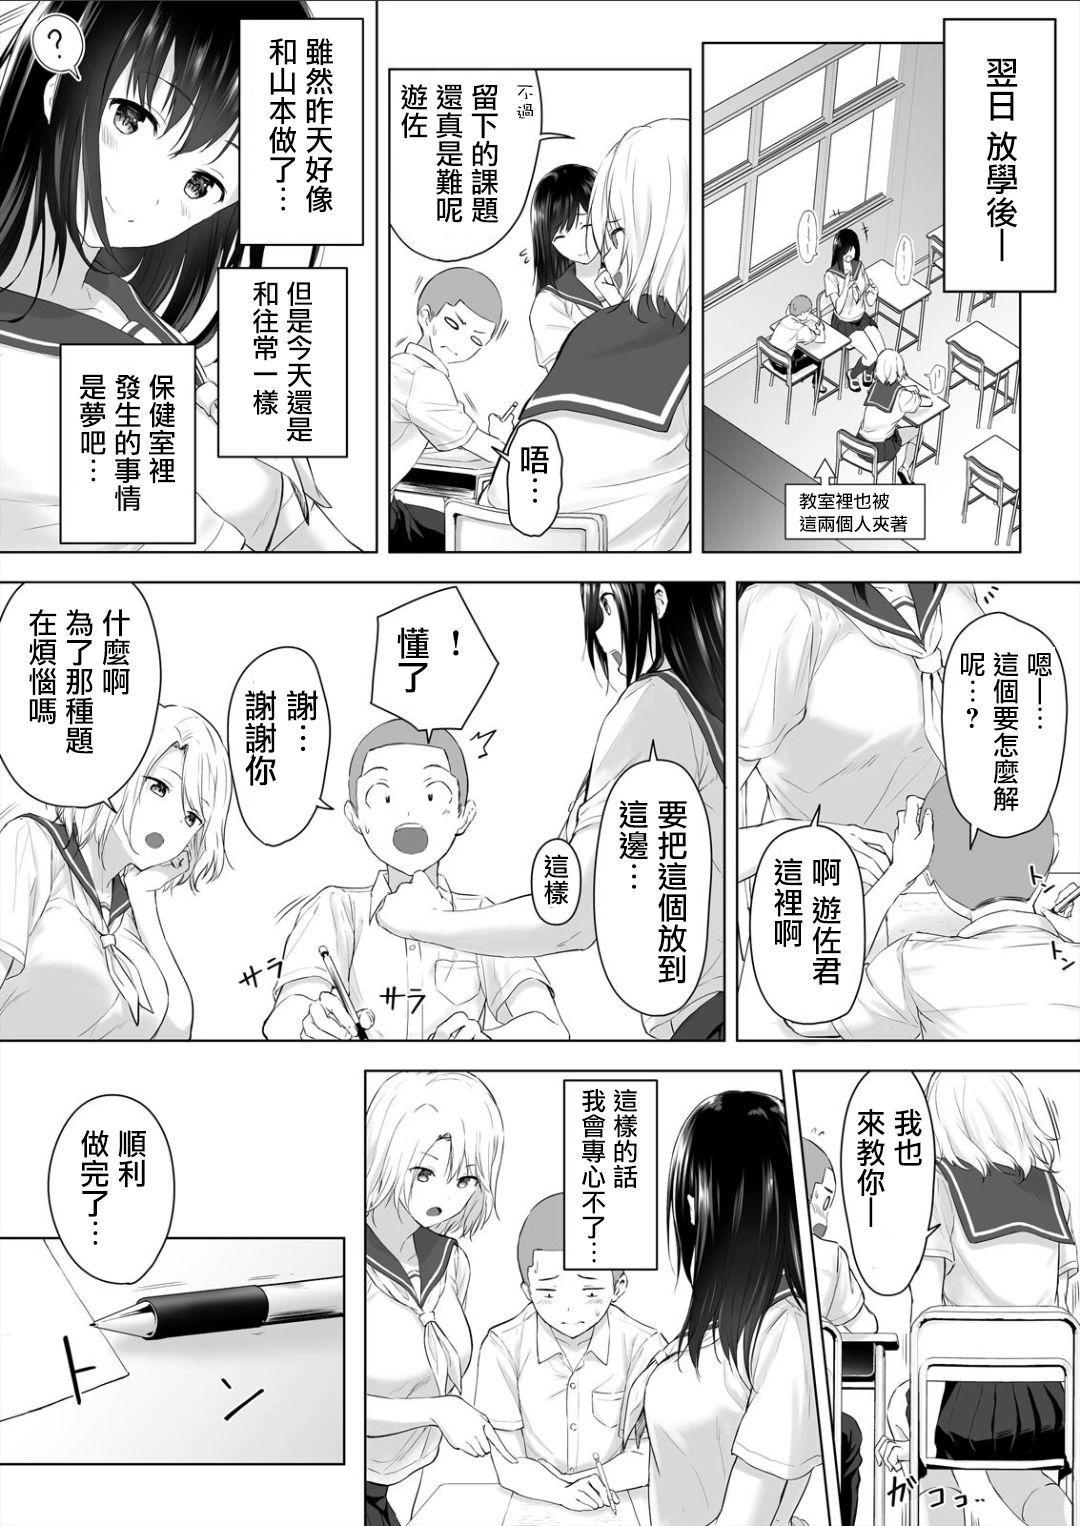 [Hachimitsu] Shinchousa 40cm, Kyou mo Omocha ni Saretemasu ~ Dekkai JK no Iinari SEX (1)  | 身高差40cm、今天也被當作玩具任巨大JK擺佈的SEX ch.1 [Chinese] [沒有漢化] 11